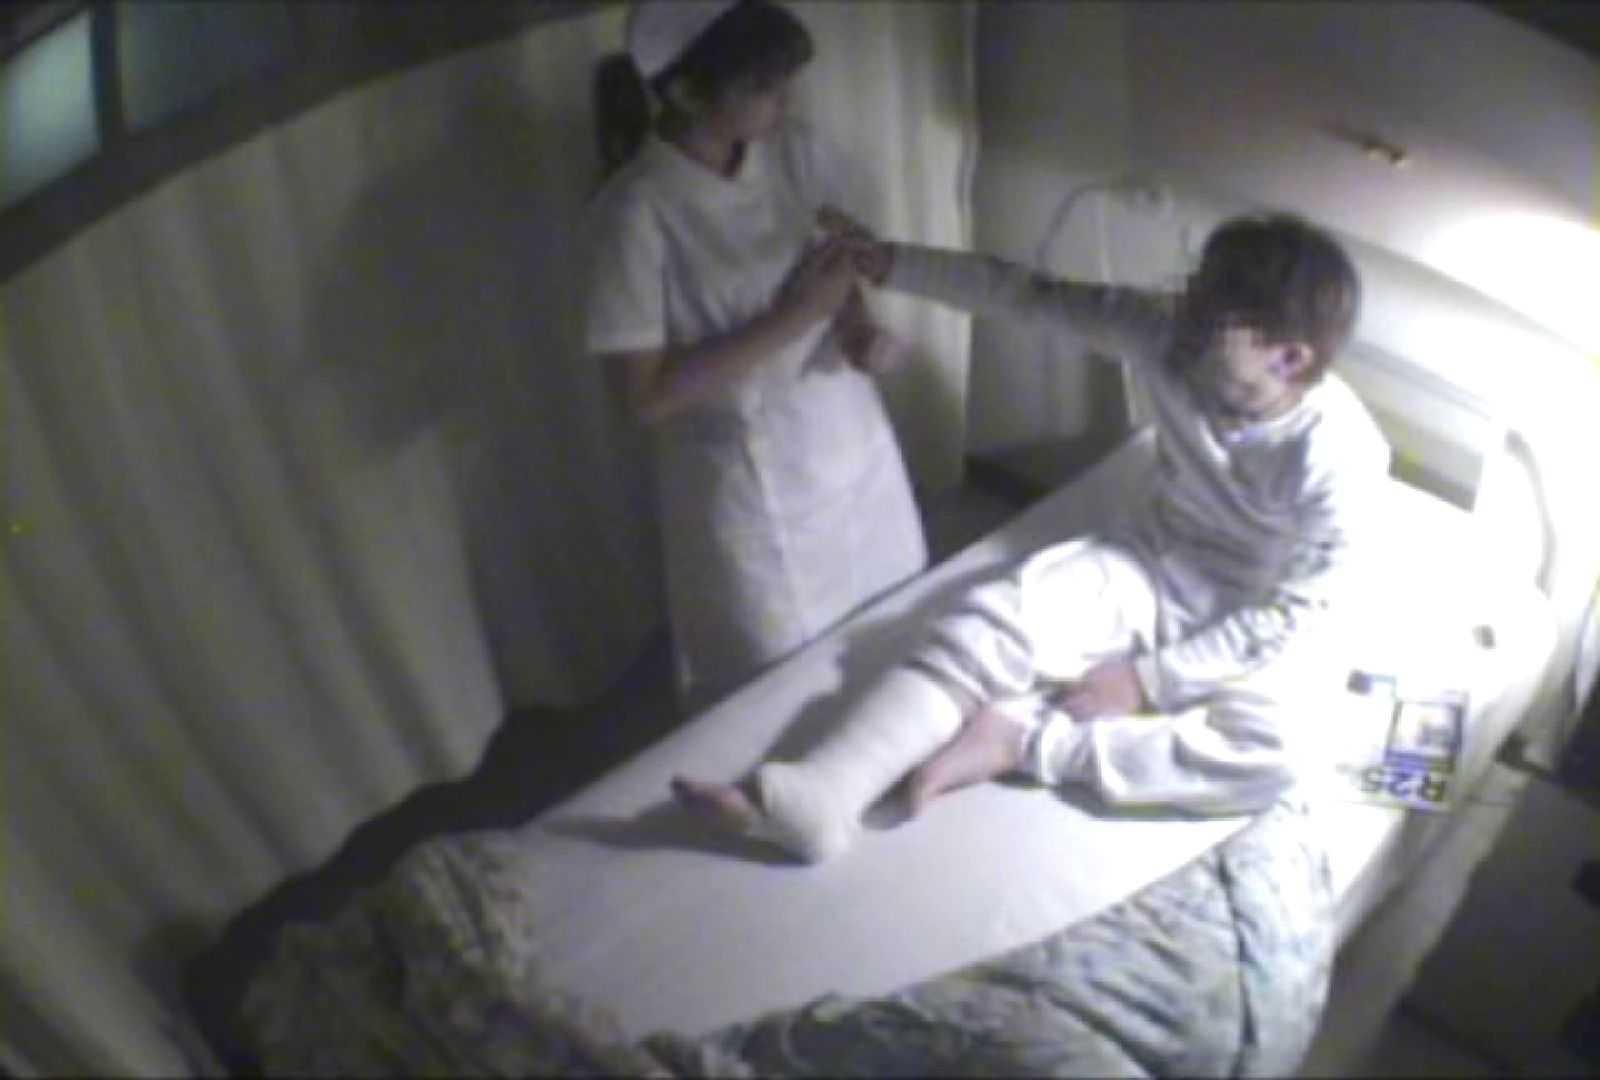 絶対に逝ってはいけない寸止め病棟Vol.8 美しいOLの裸体 | 0  83pic 81